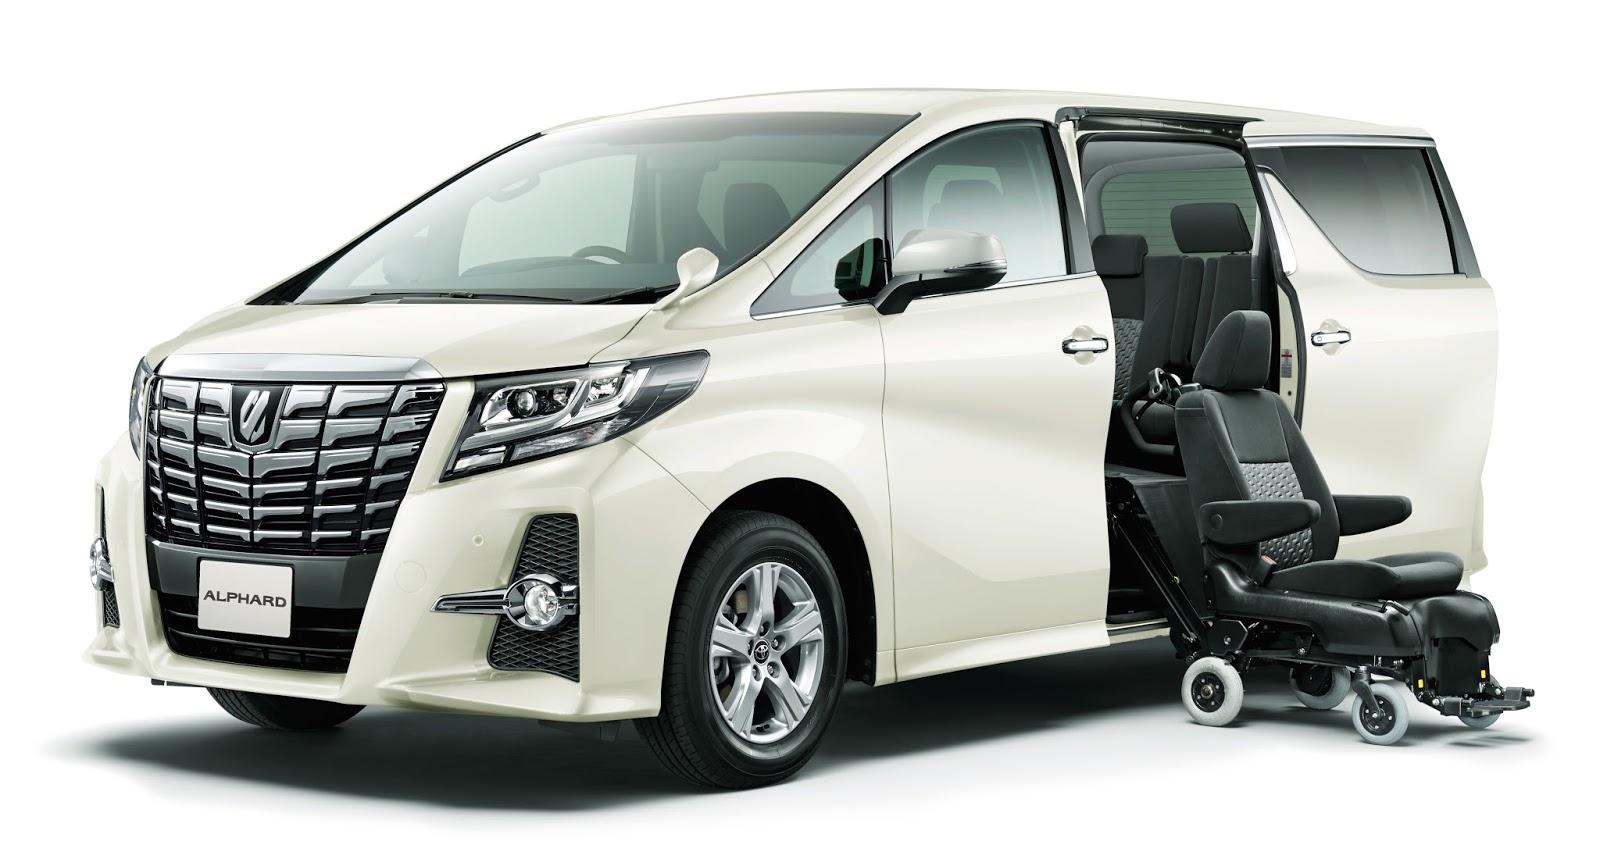 Fitur All New Alphard Corolla Altis Price Harga Toyota Terbaru Review Dan Keunggulannya Hadir Dengan Spesifikasi Yang Lebih Garang Tangguh Terutama Dari Segi Performanya Sendiri Memanfaatkan 2 Jenis